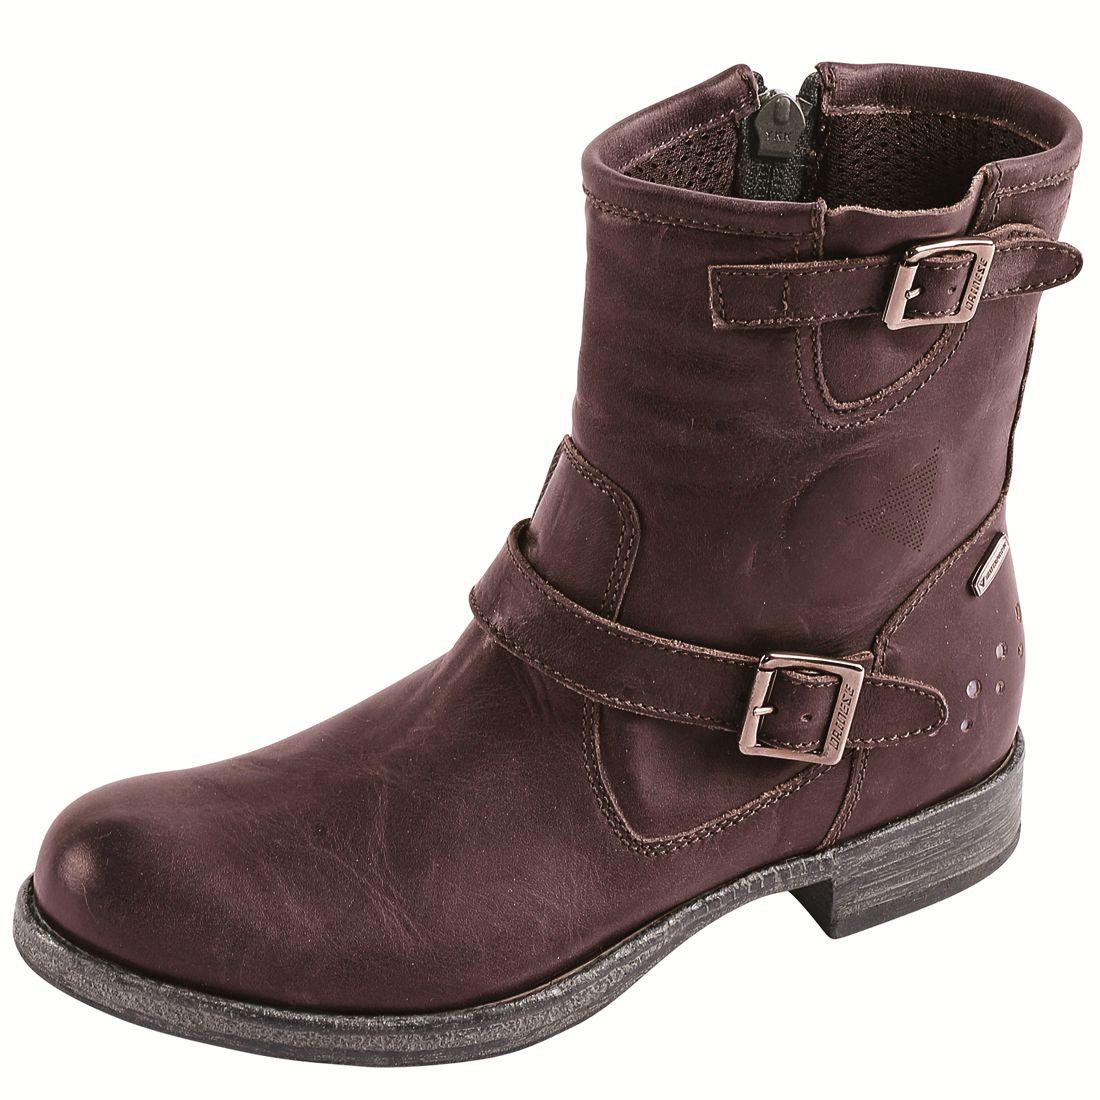 【DAINESE】BAHIA D-WP 女用車靴 - 「Webike-摩托百貨」